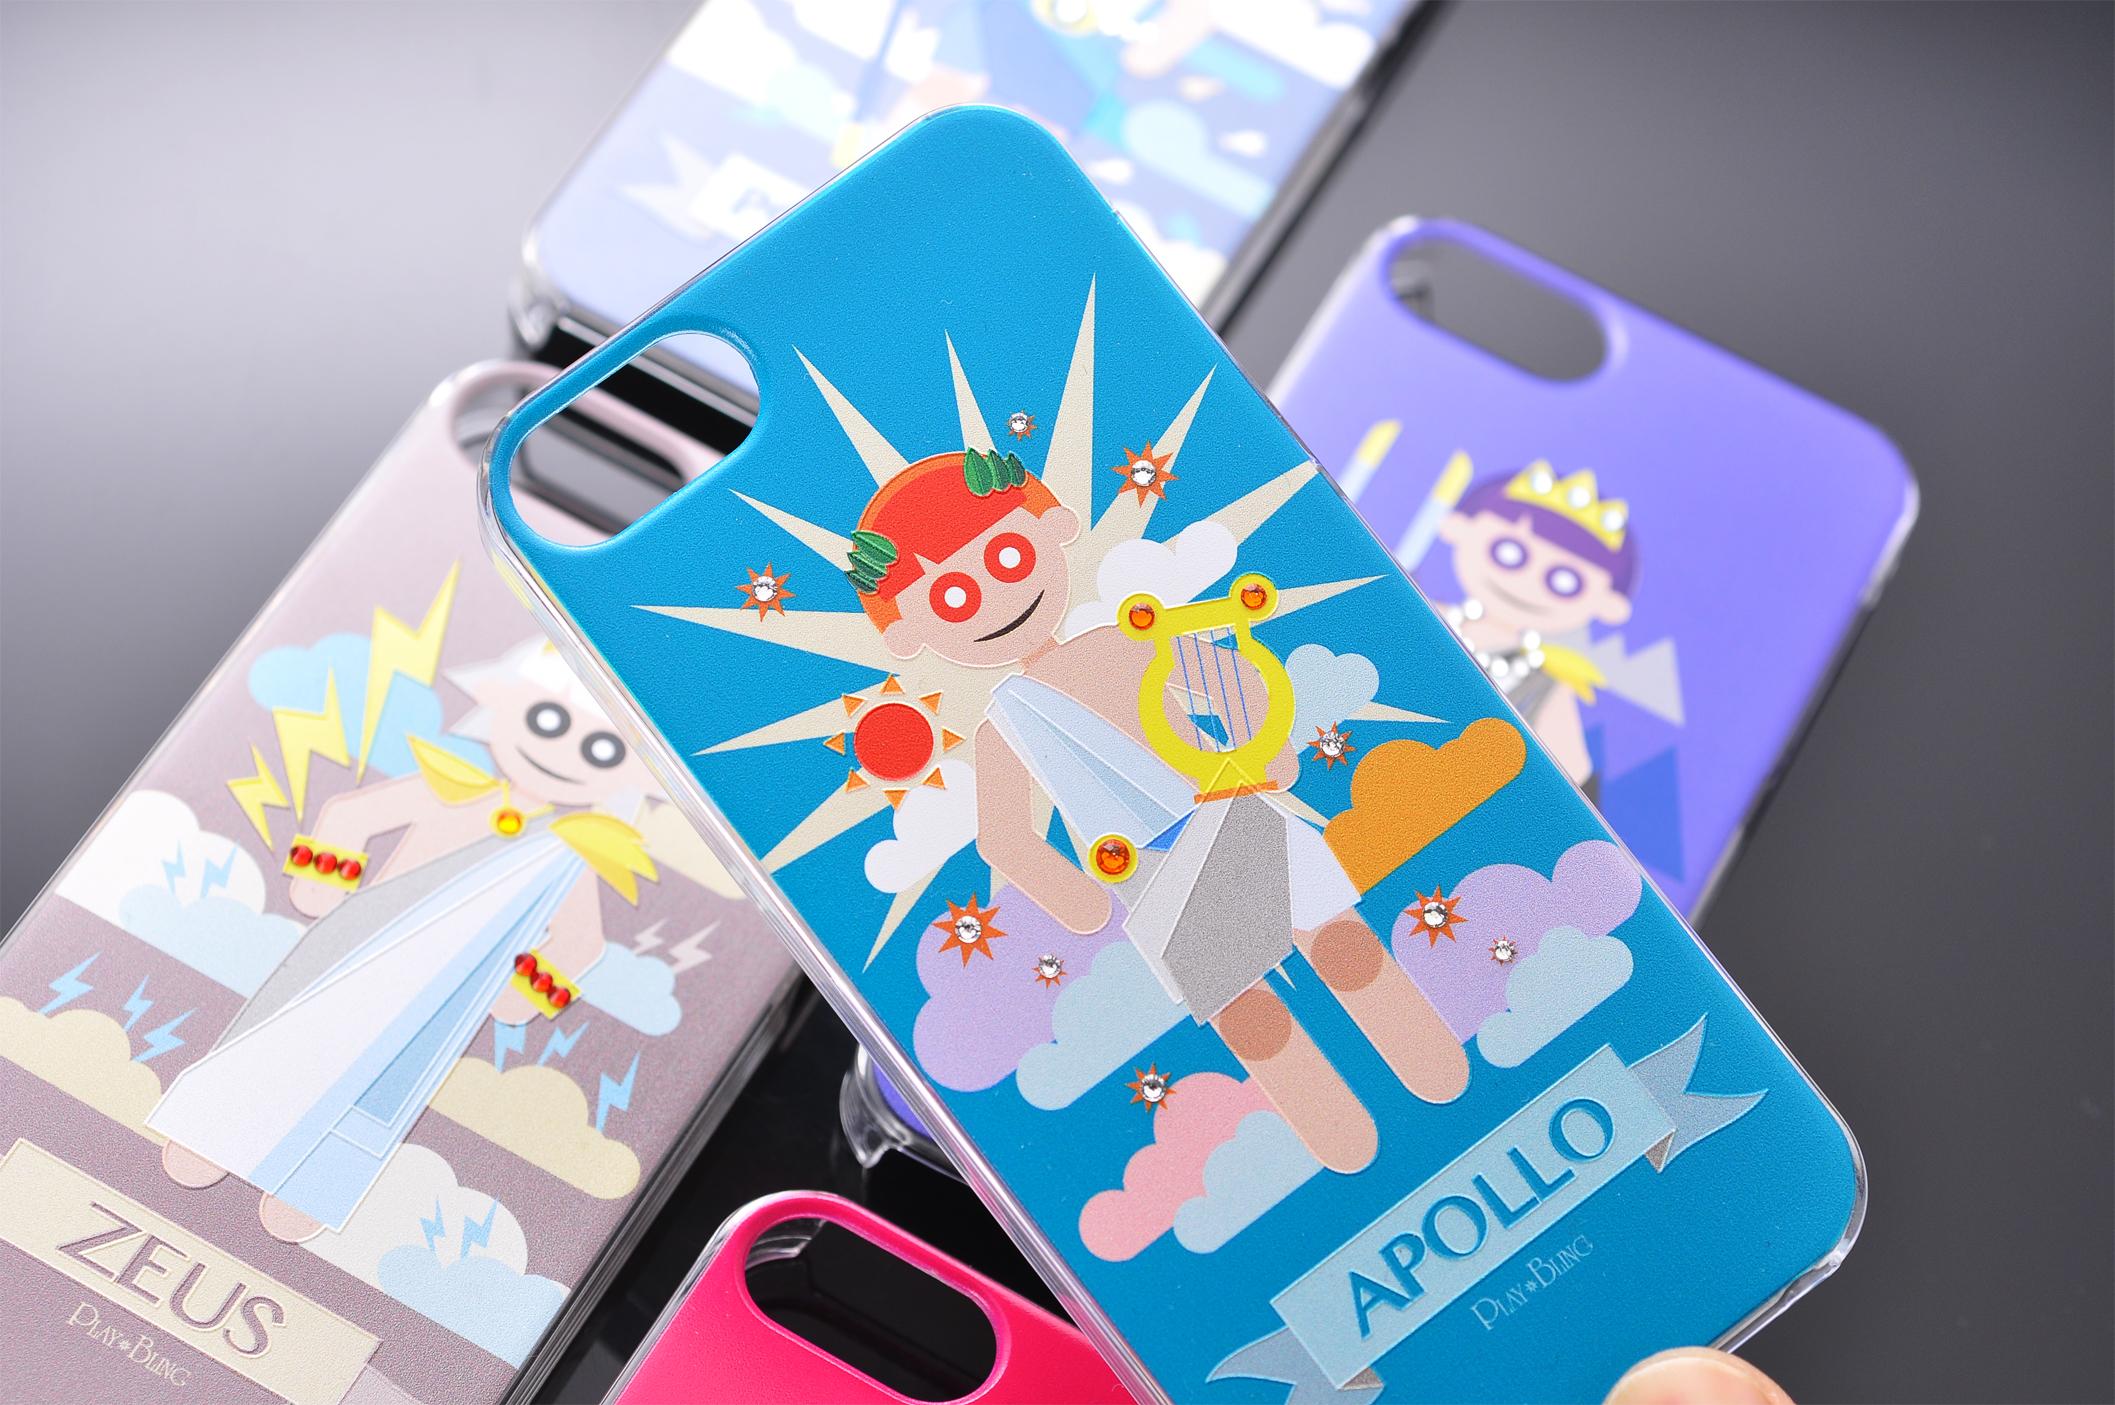 Mobile phone case design - Apollo